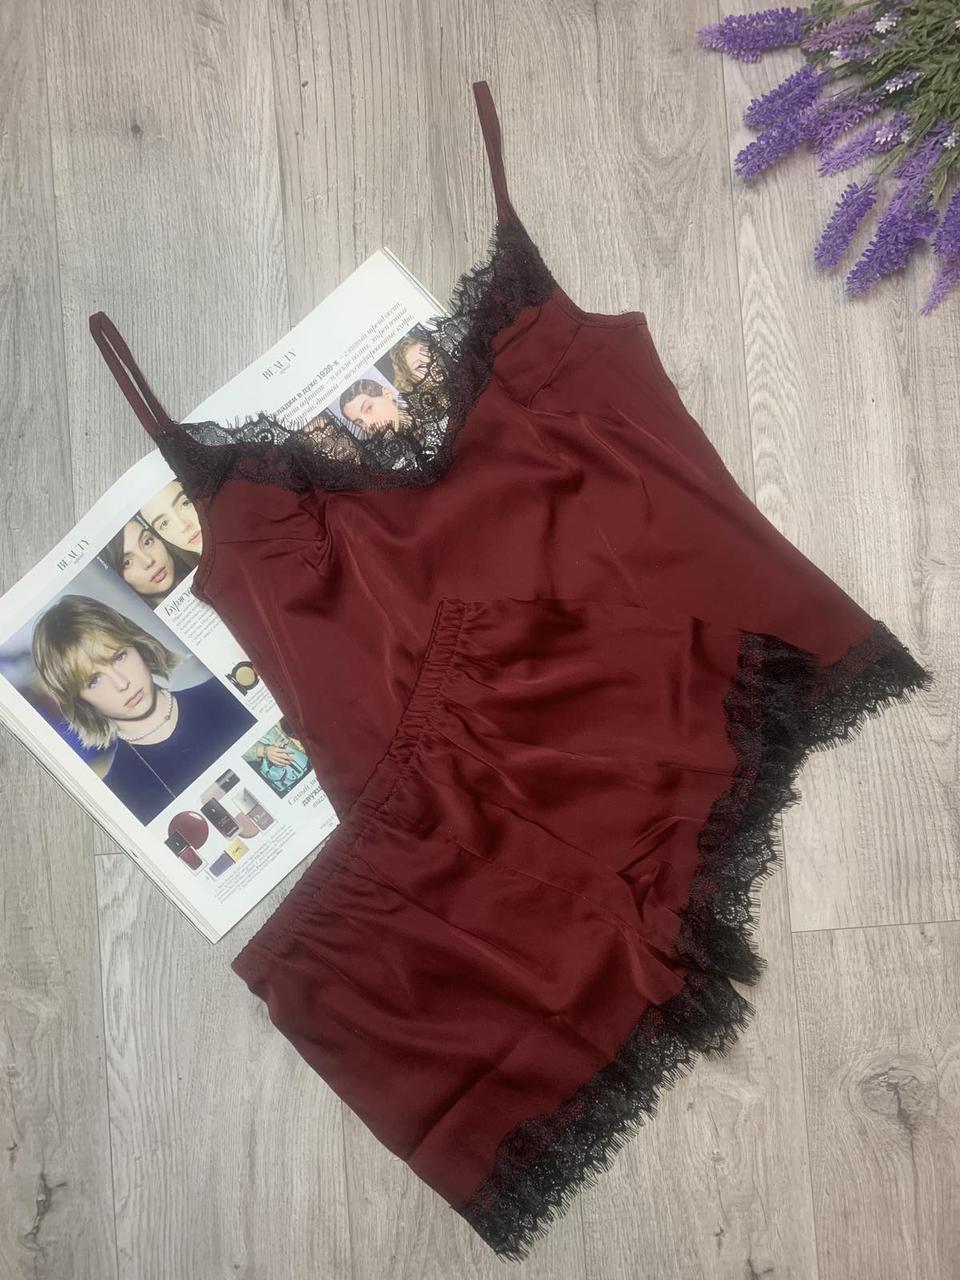 Пижама из шелка Армани с кружевом, комплект майка и шорты